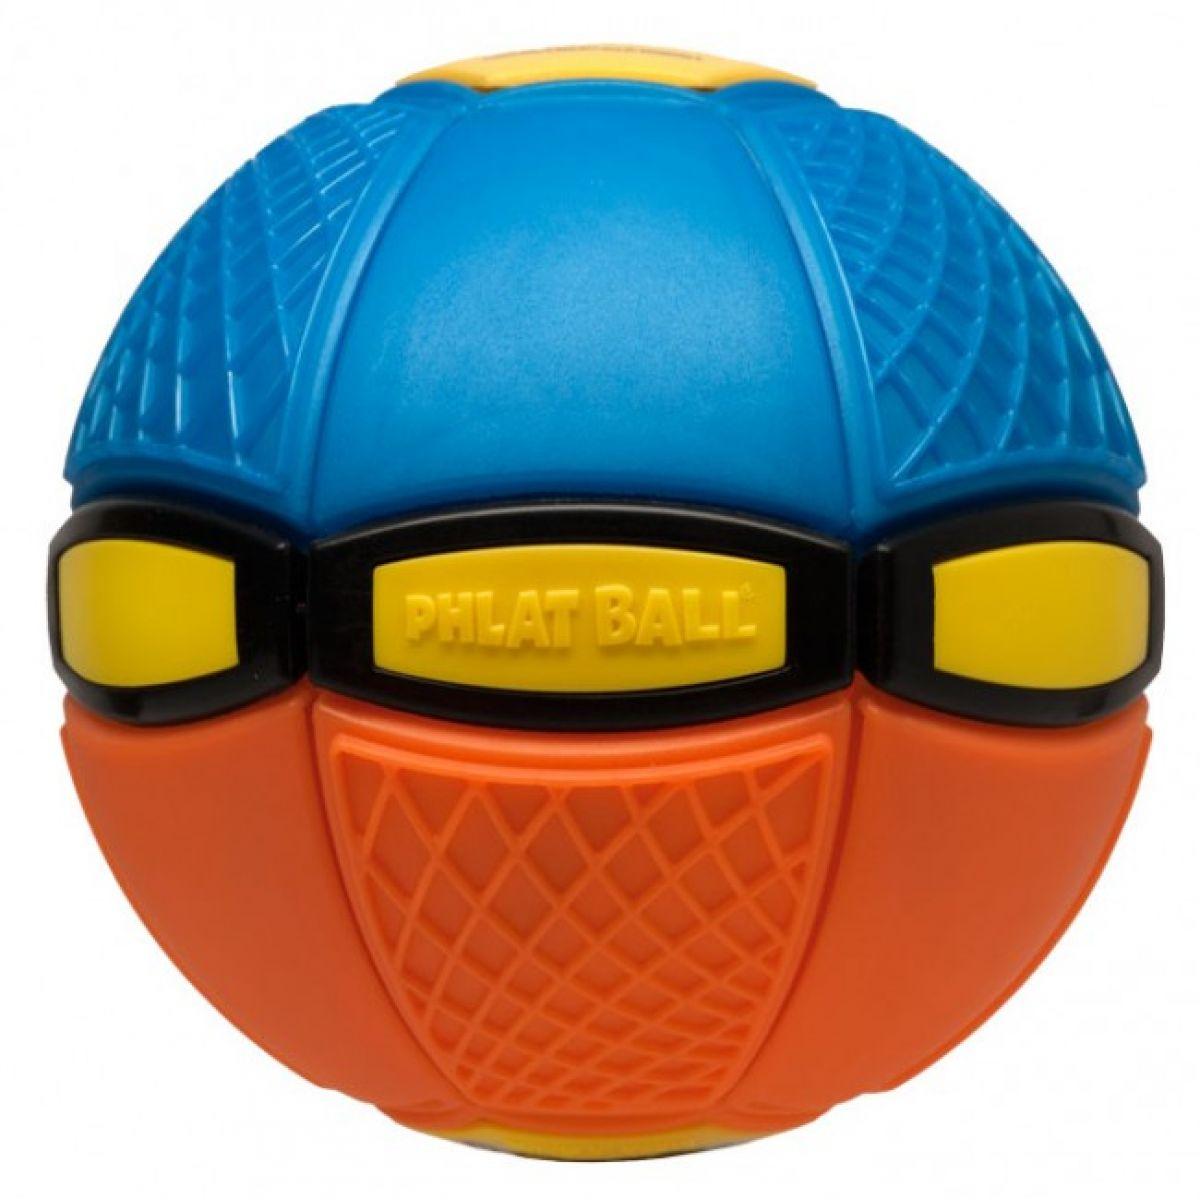 Phlat Ball JR. - Modro-oranžová